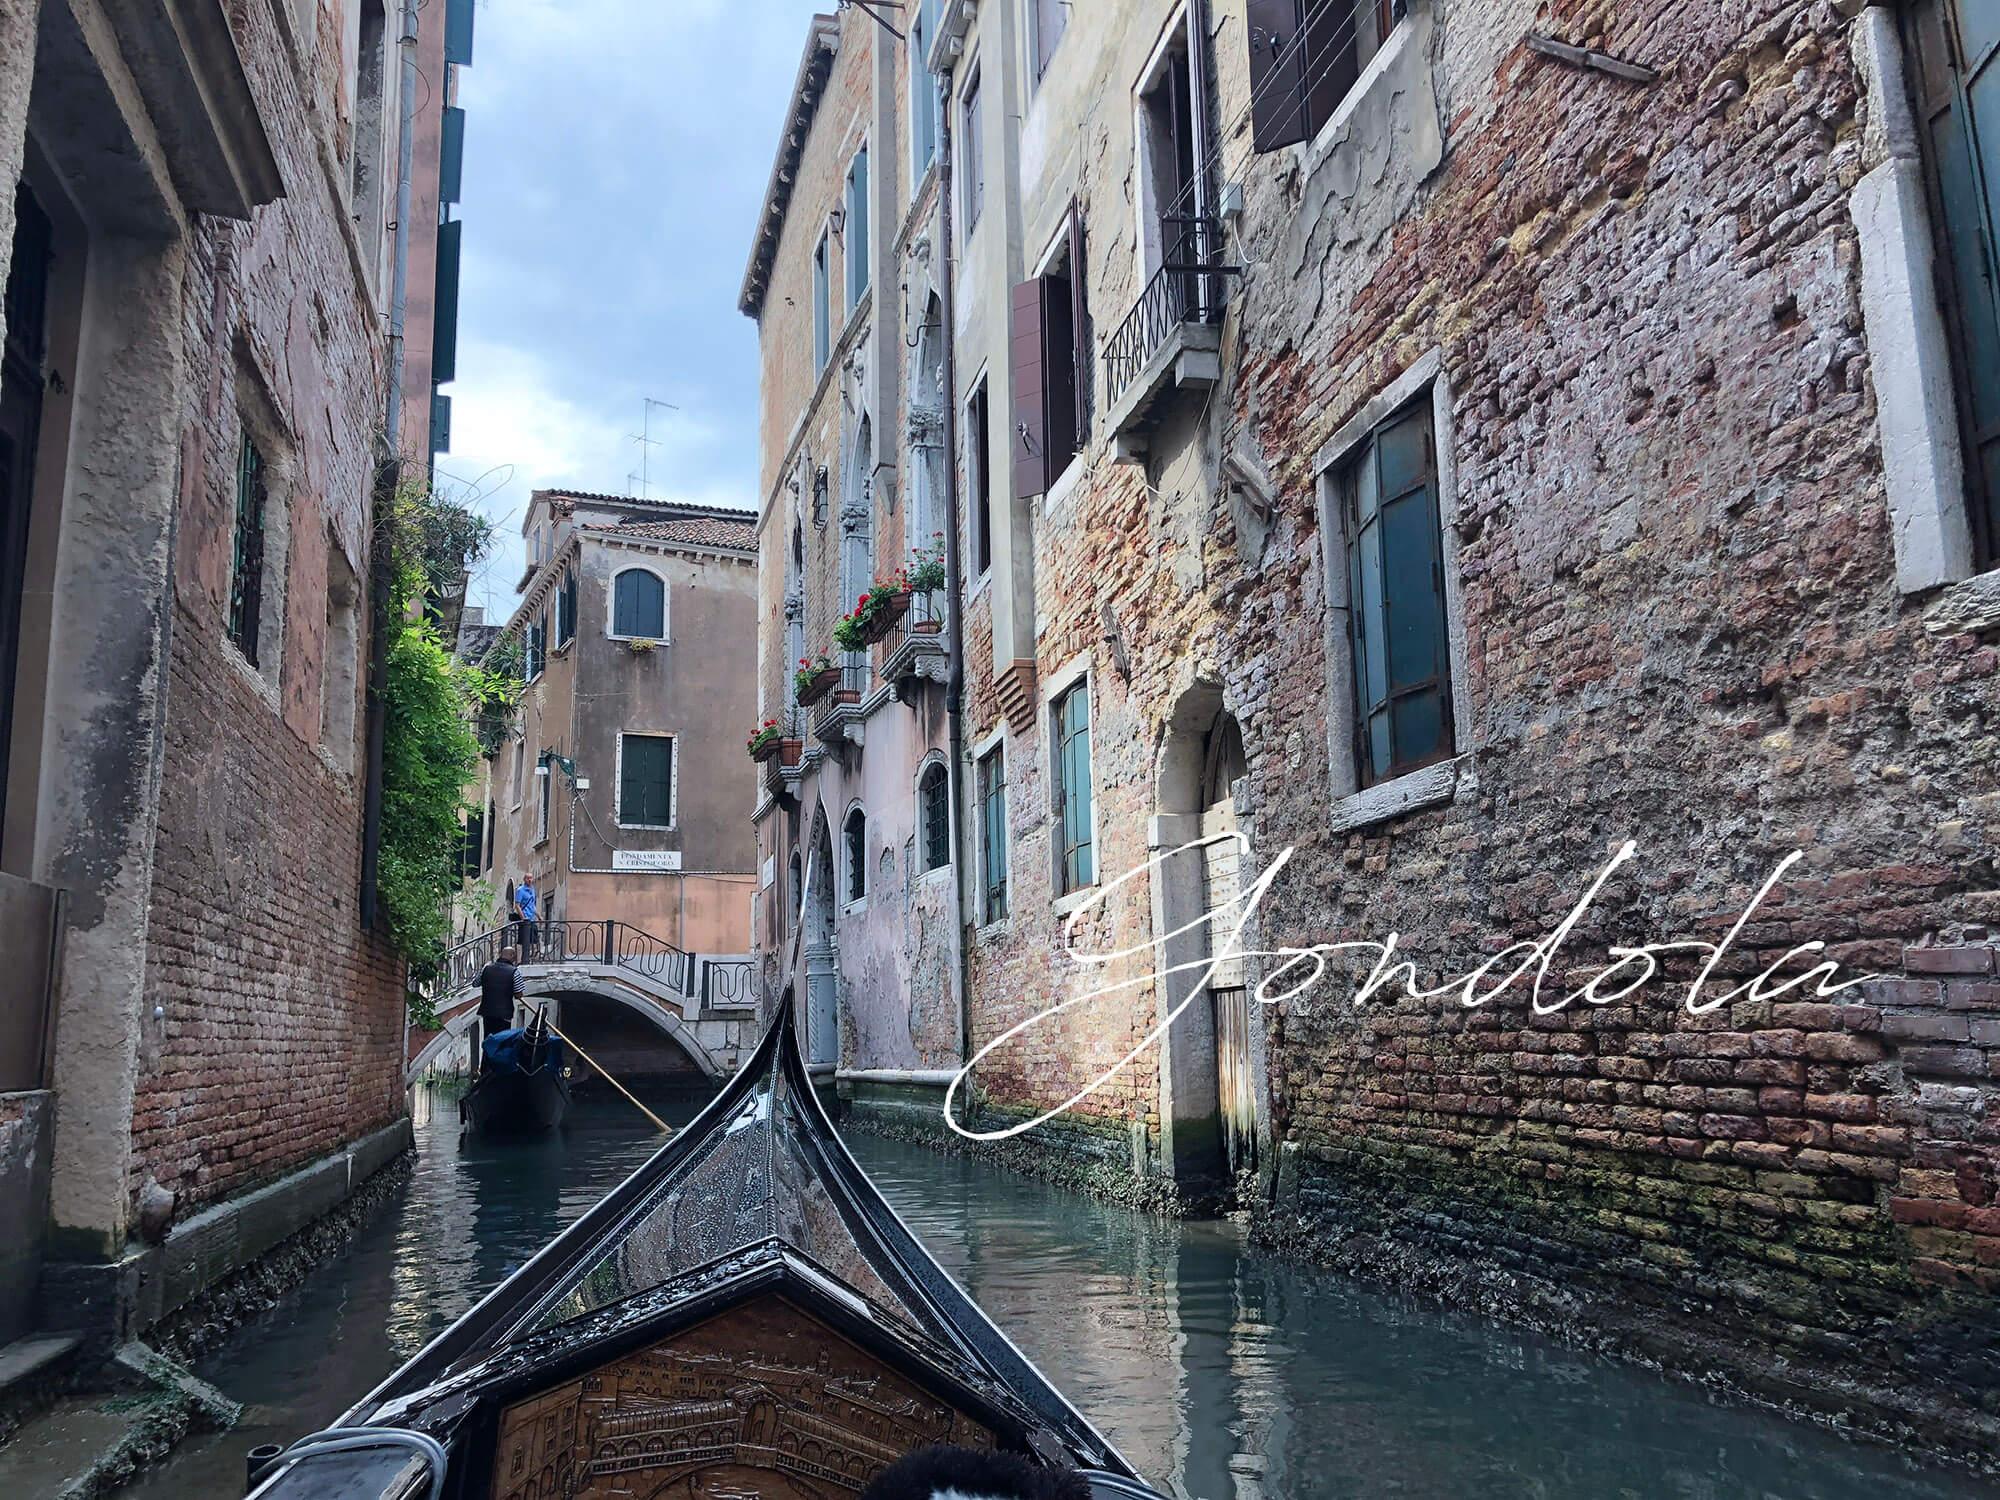 威尼斯|貢多拉Gondola(鳳尾船)價格、搭船方式&推薦路線